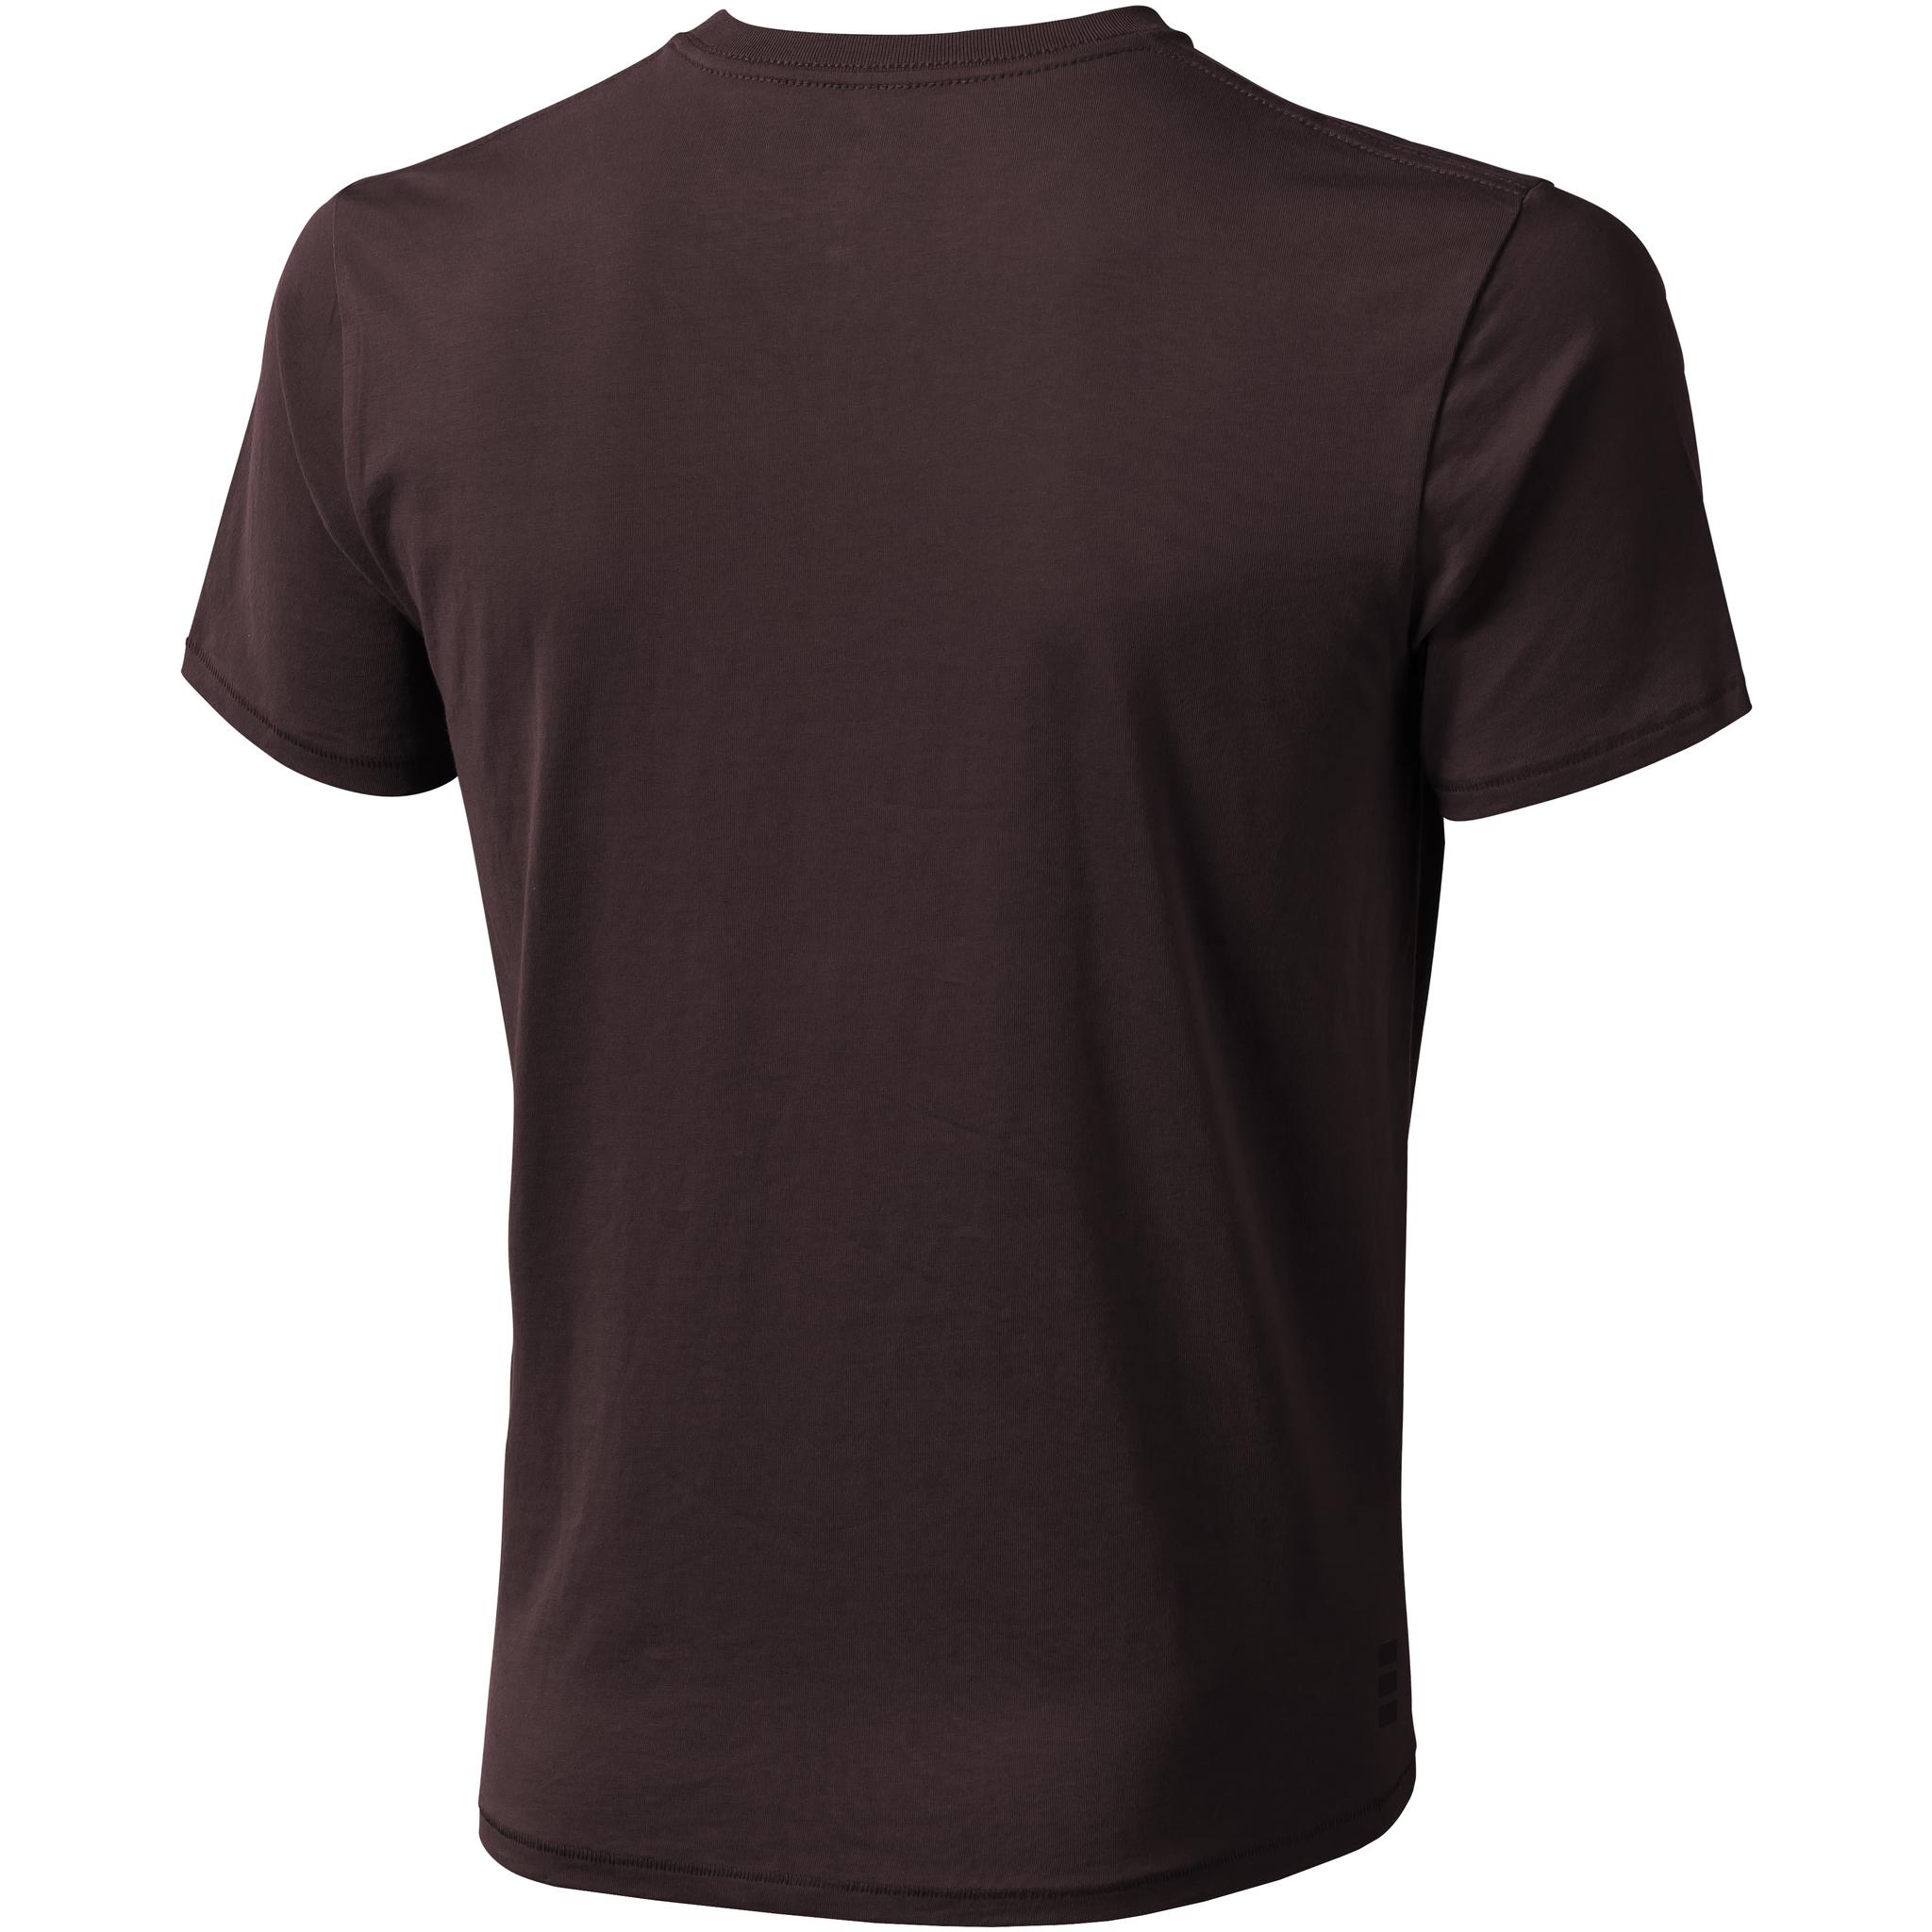 Elevate-Mens-Nanaimo-Short-Sleeve-T-Shirt-PF1807 thumbnail 3